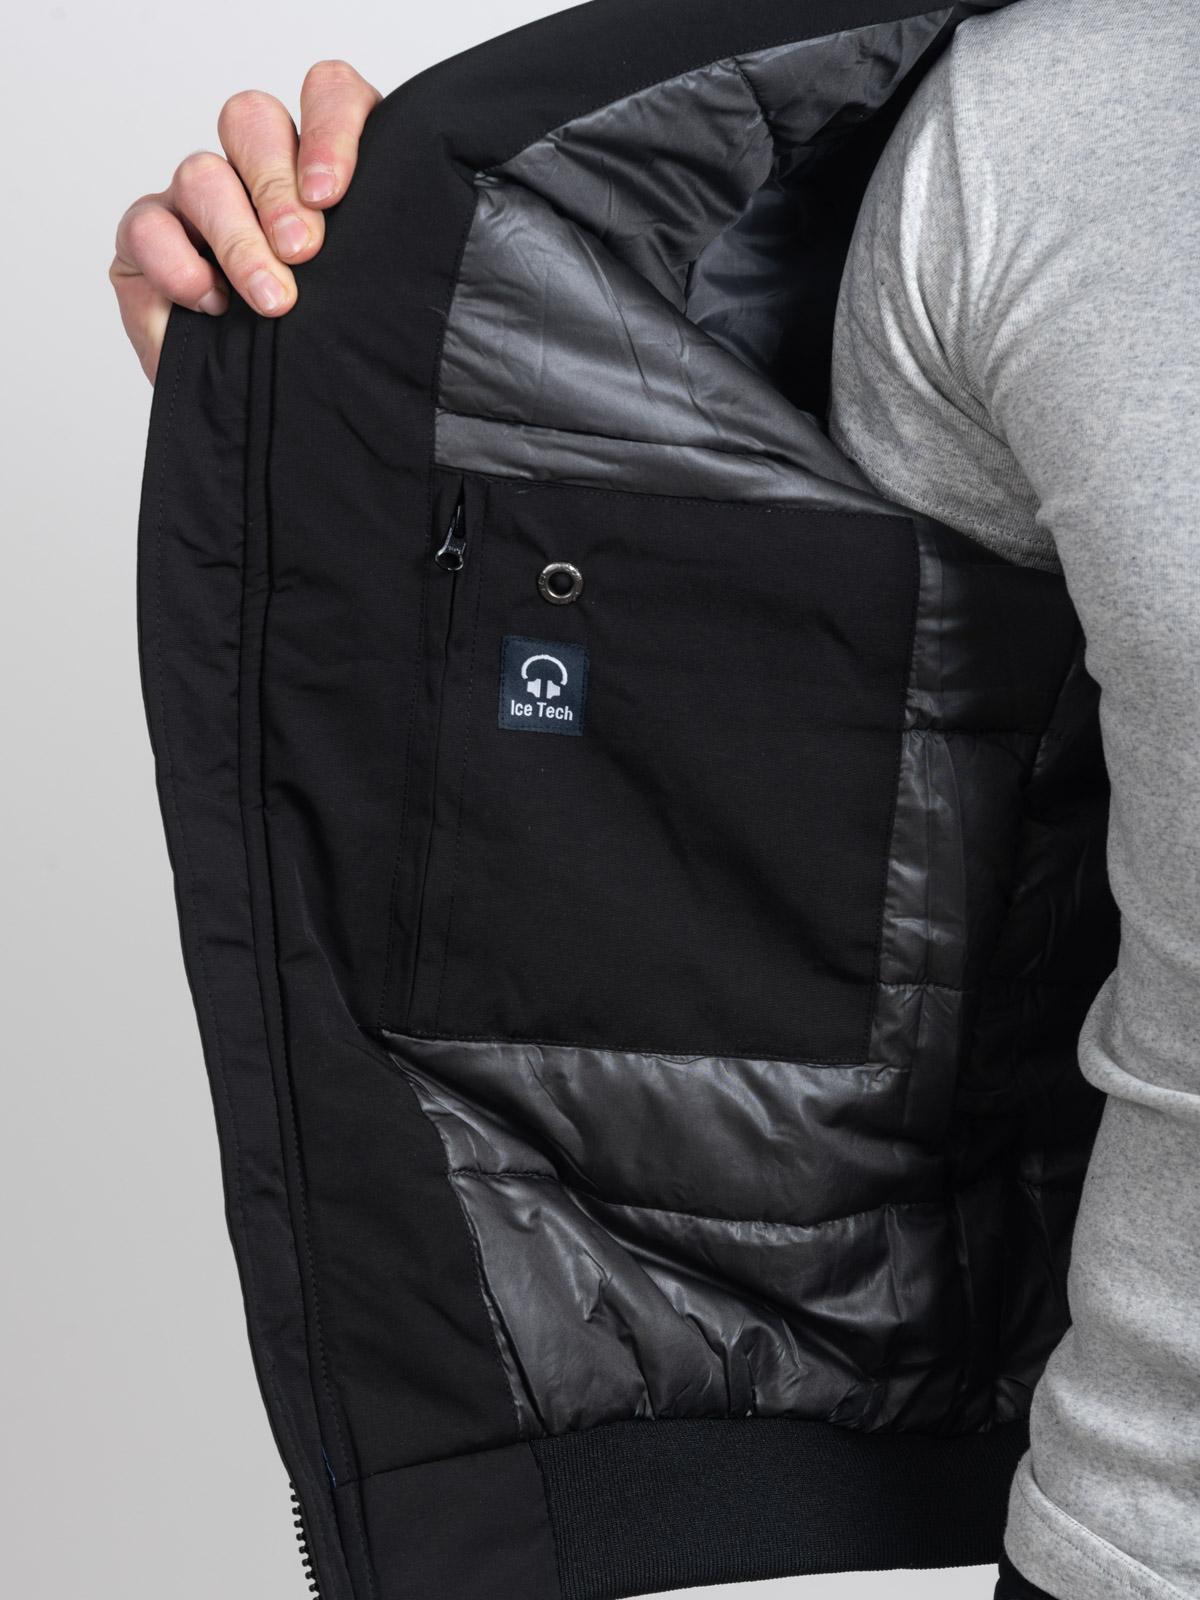 ICE TECH G821 BLACK - ΑΝΡΙΚΟ ΤΖΑΚΕΤ ΜΑΥΡΟ